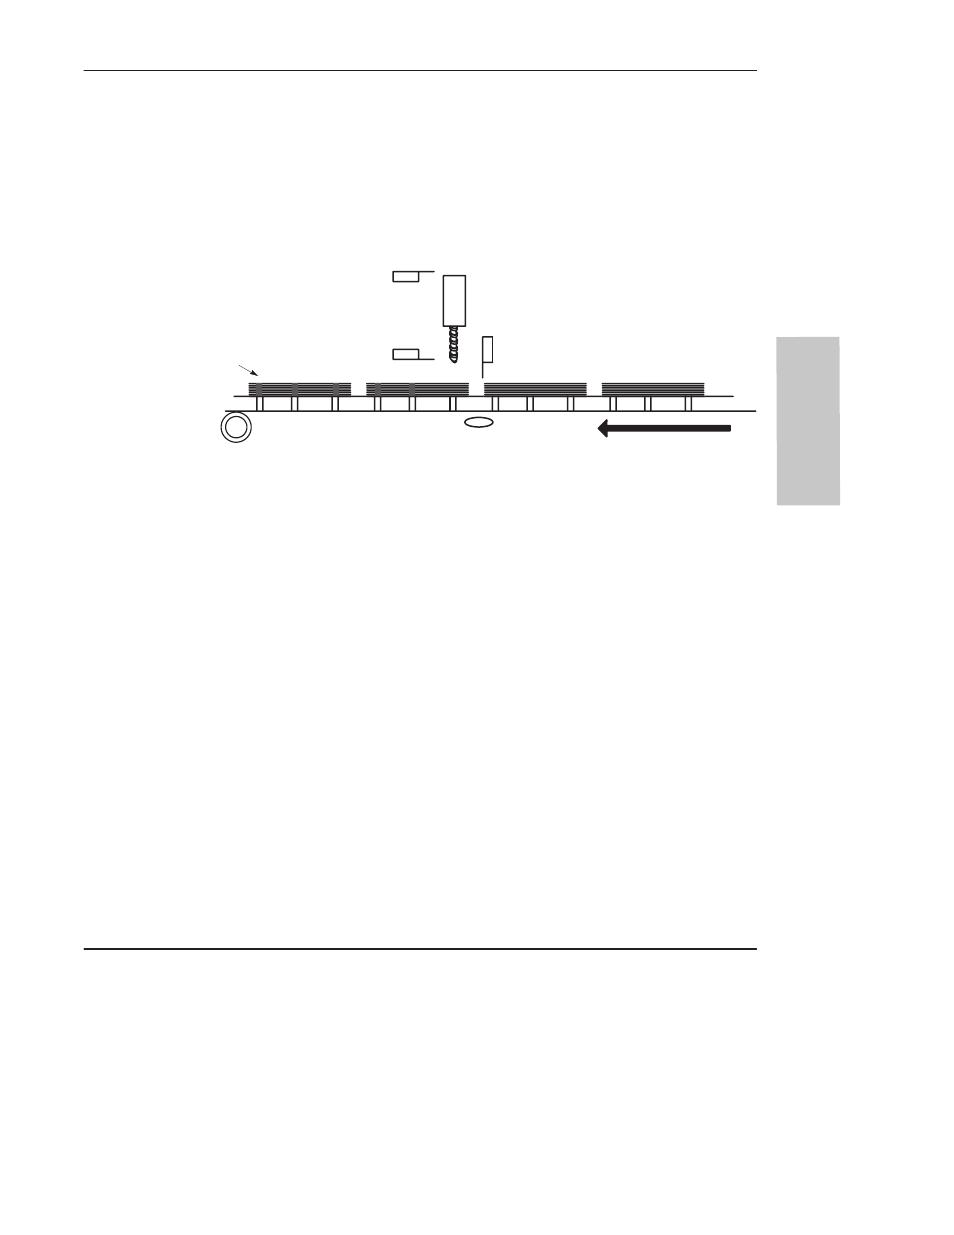 Micrologix 1100 Wiring Diagram Rtse200a3 Wiring-diagram Vortex 8000 ...